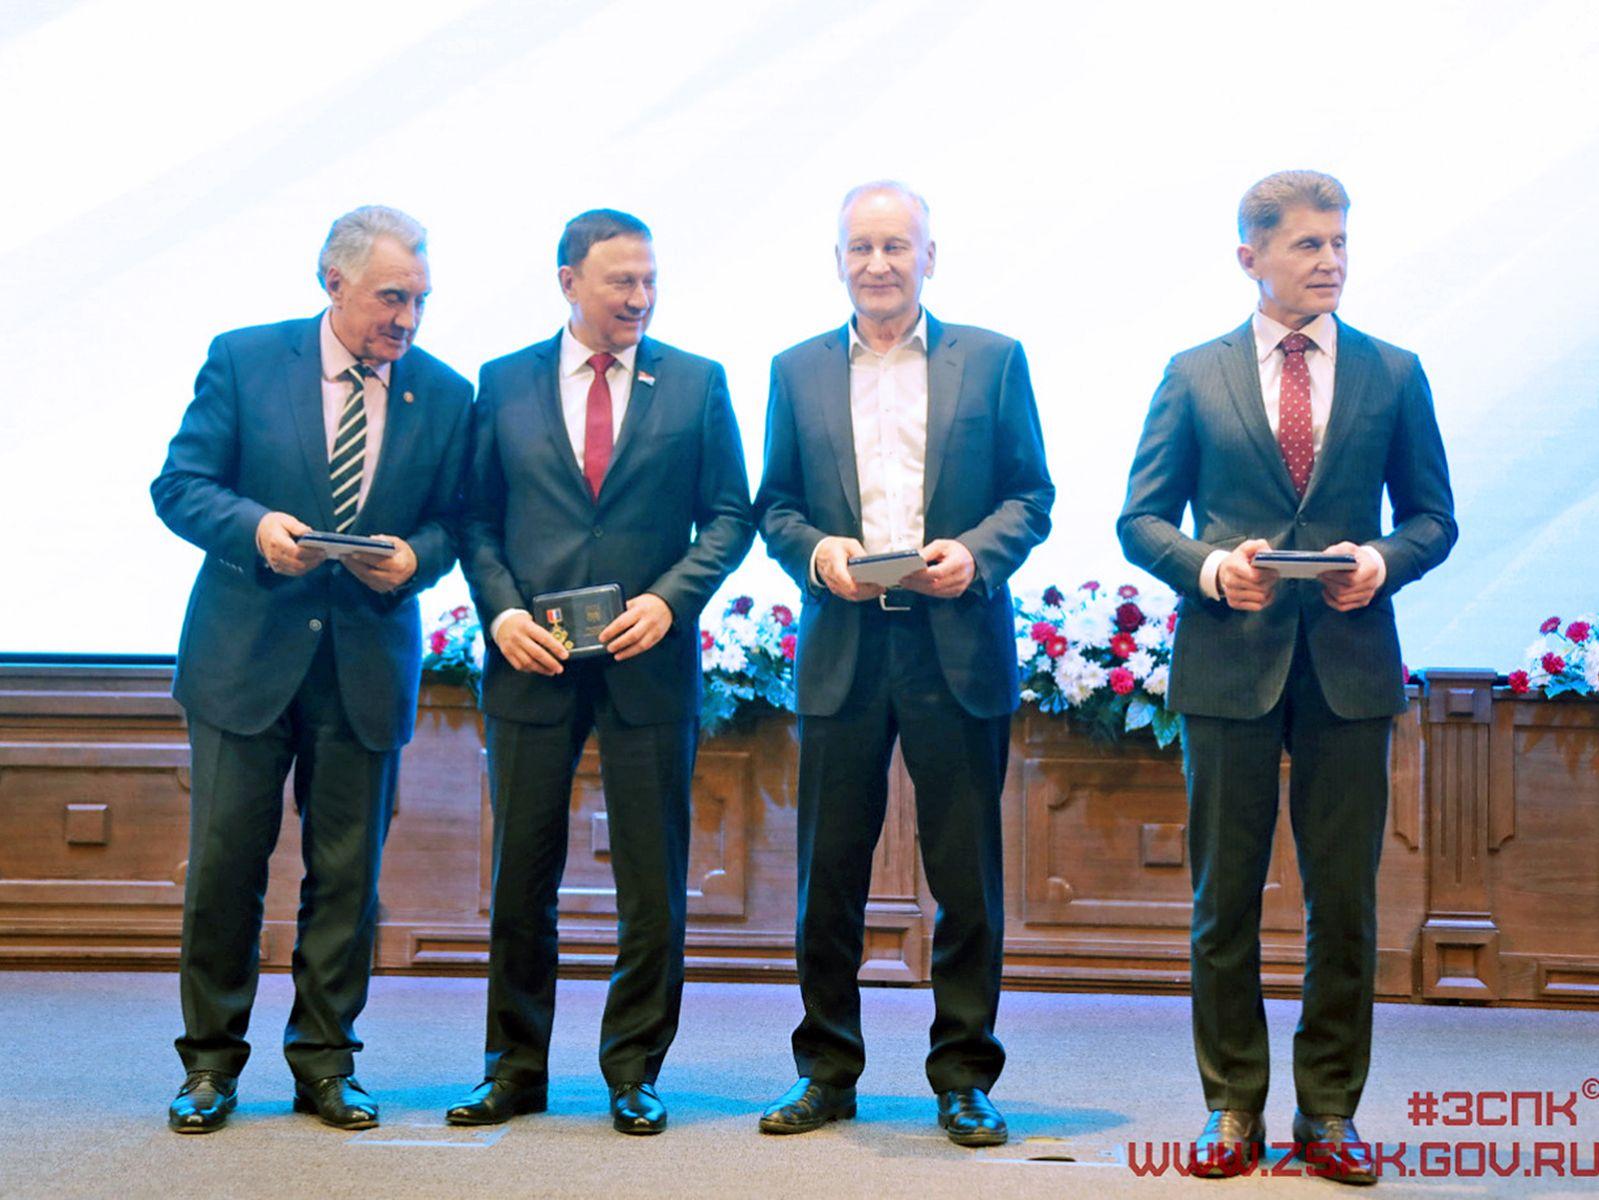 Президент ВГУЭС Геннадий Лазарев награжден медалью «За особый вклад в развитие Приморского края»